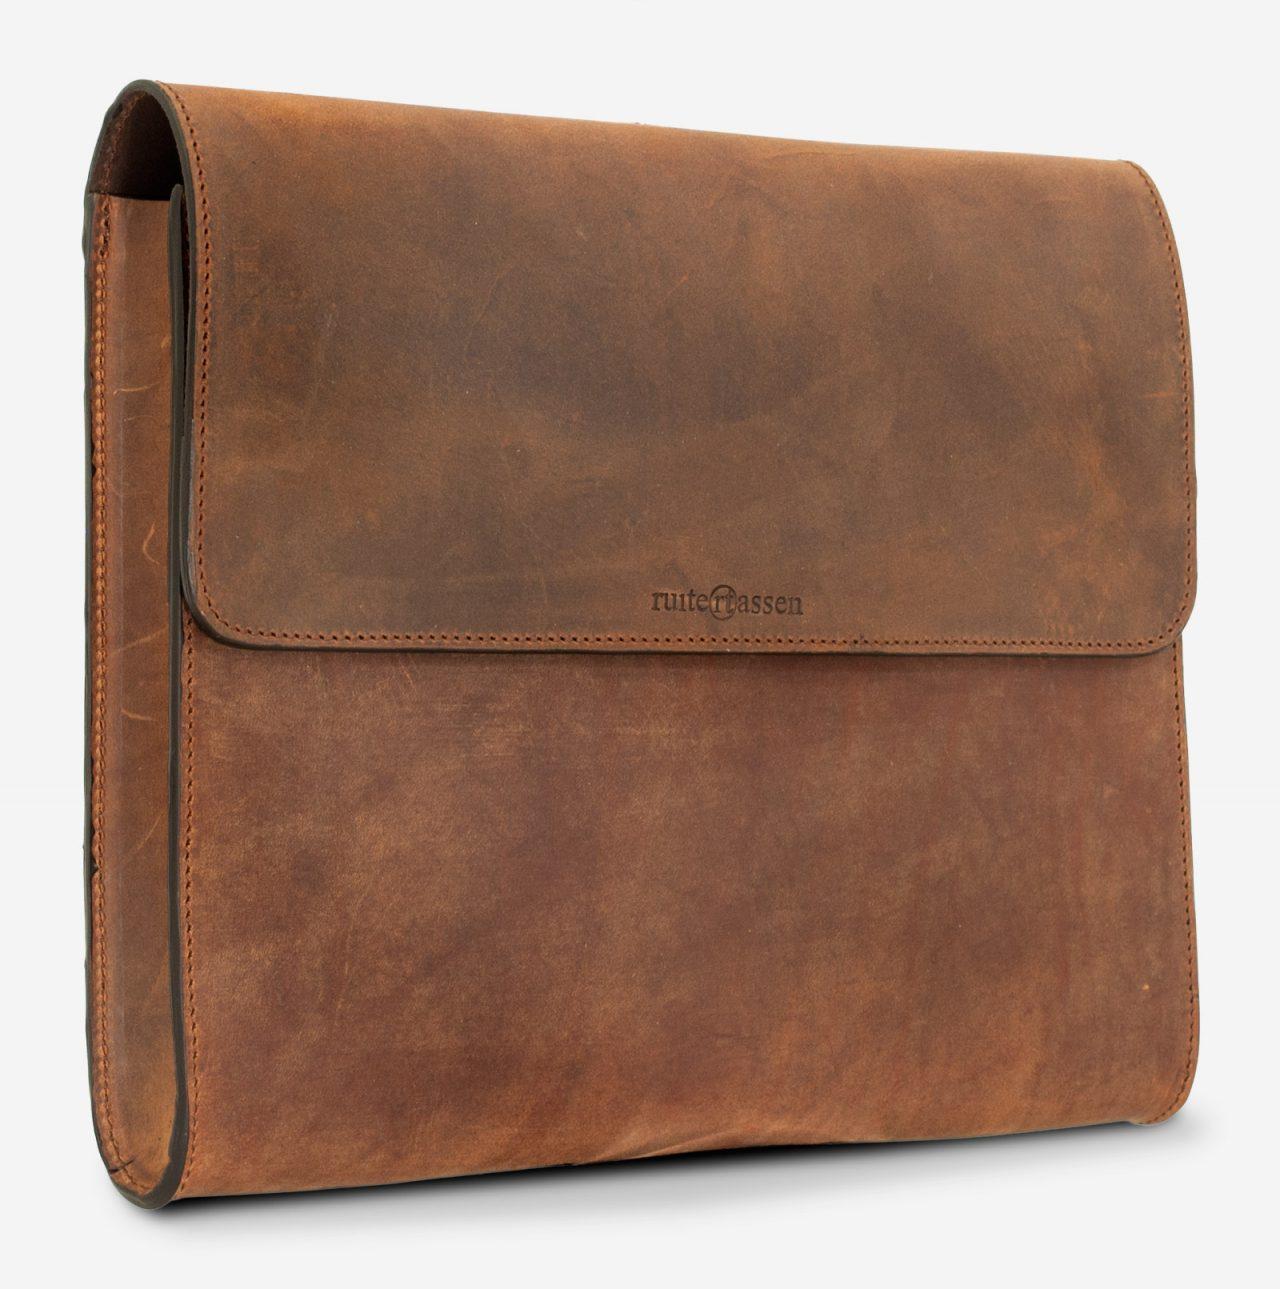 Pochette en cuir marron artisanale de face.